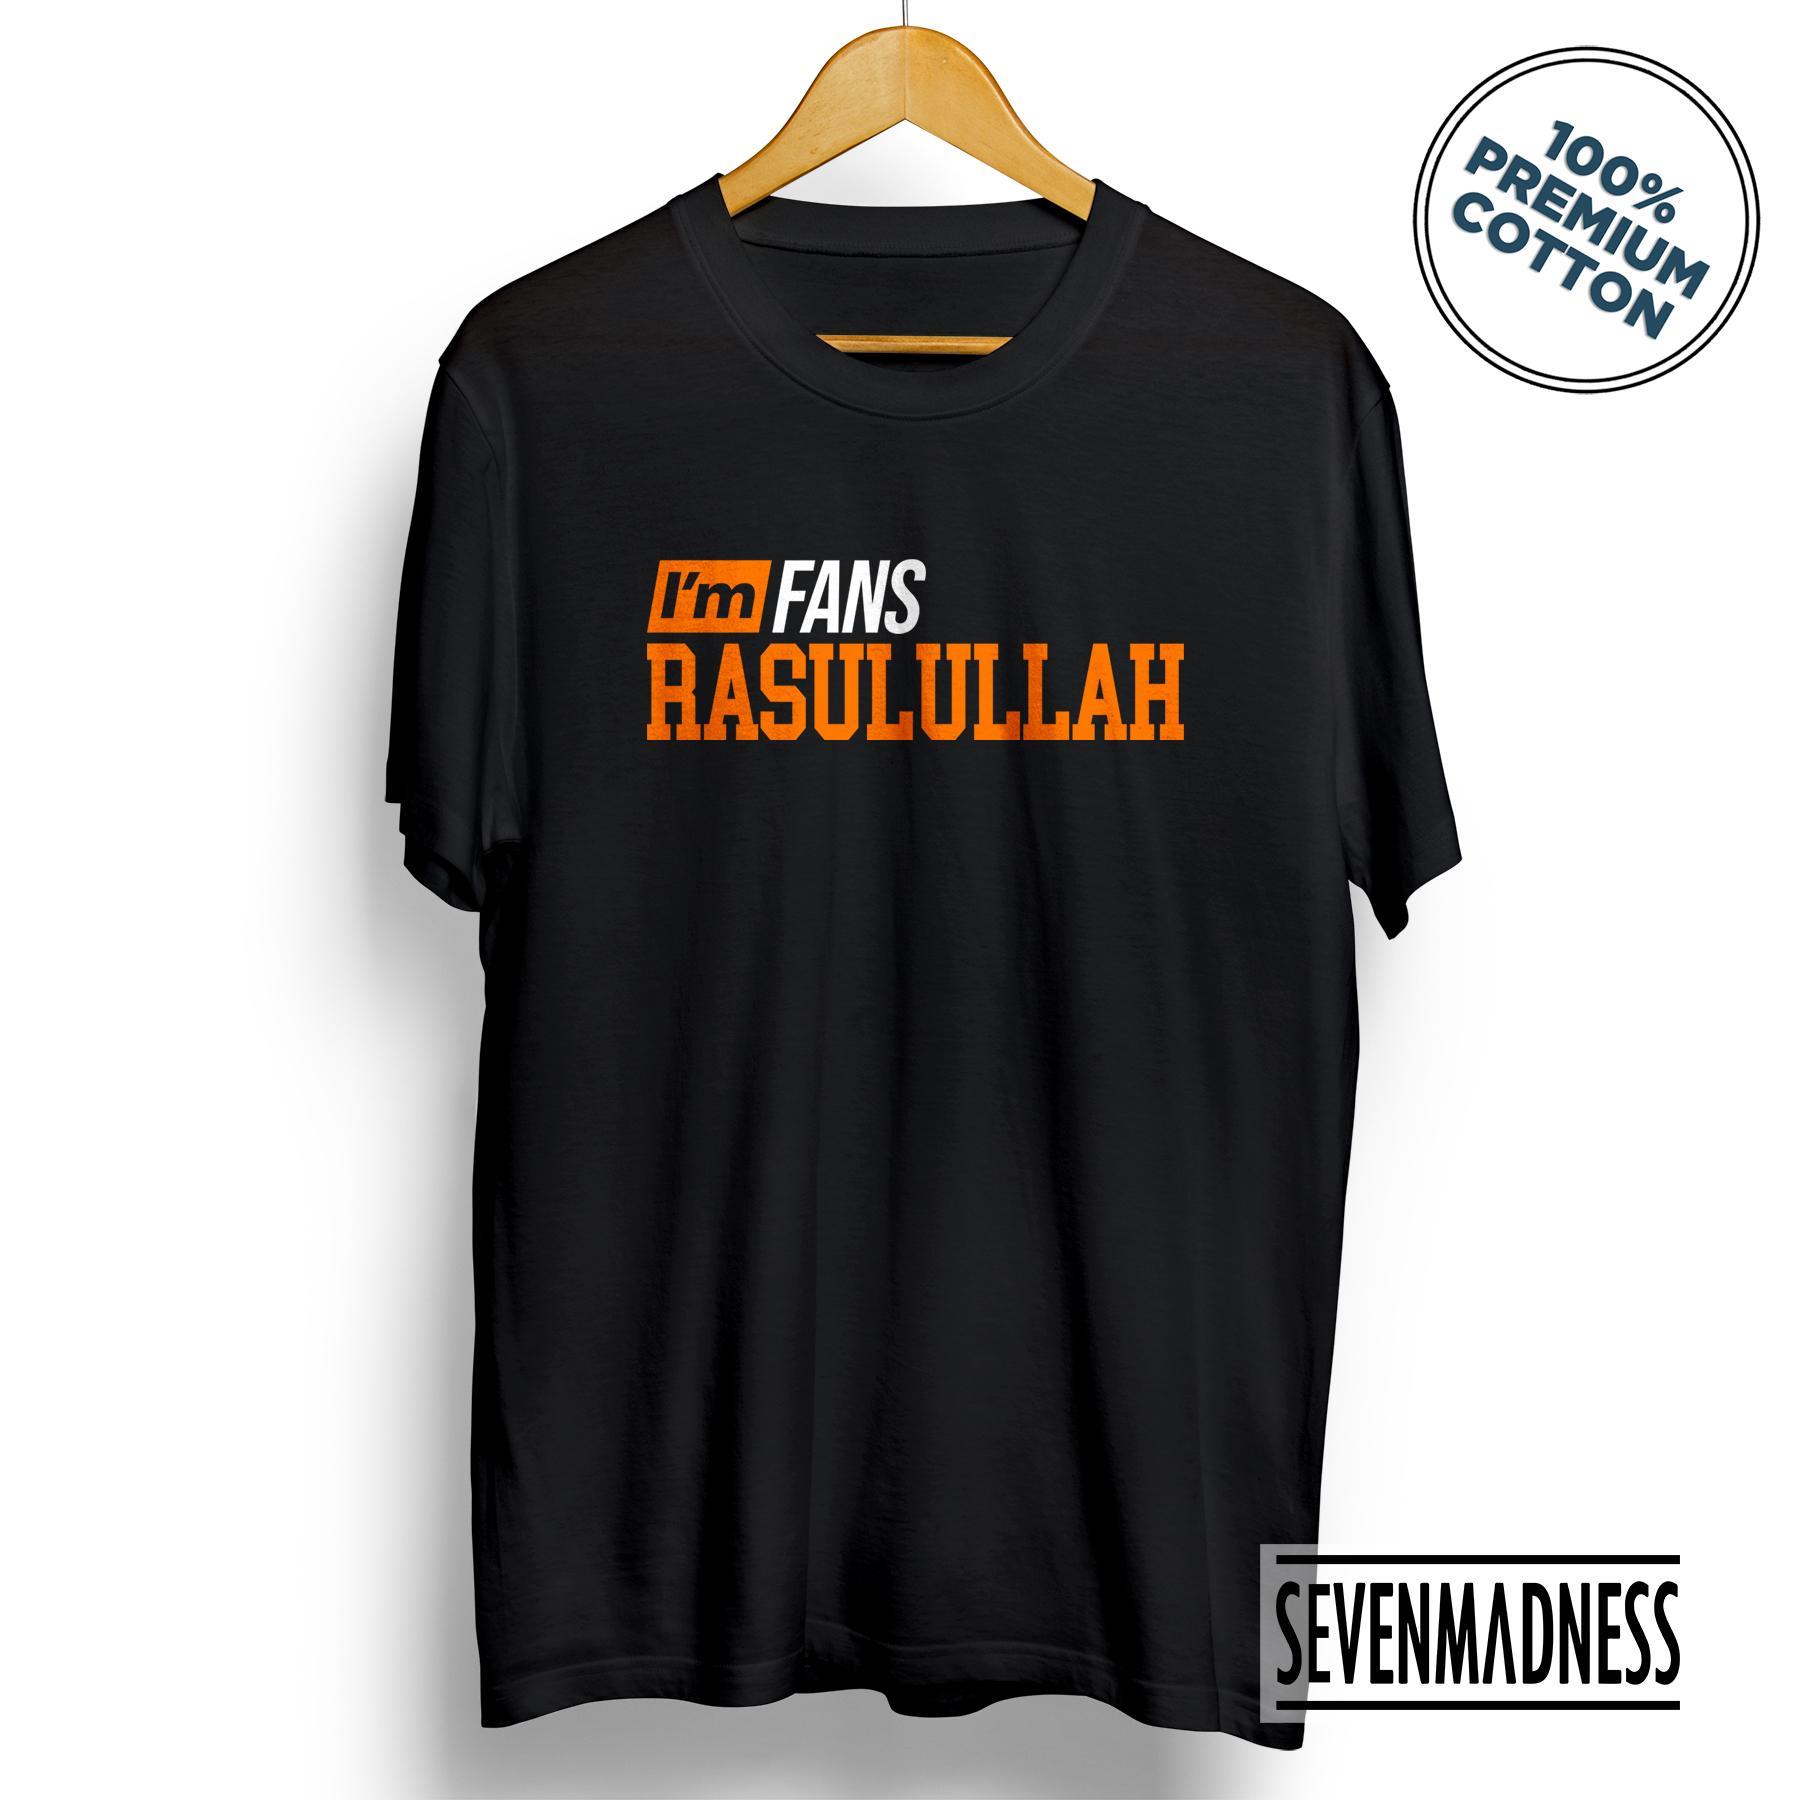 Kaos Distro Pria / Wanita Dakwah Islam Muslim - Iam Fans Rasulullah